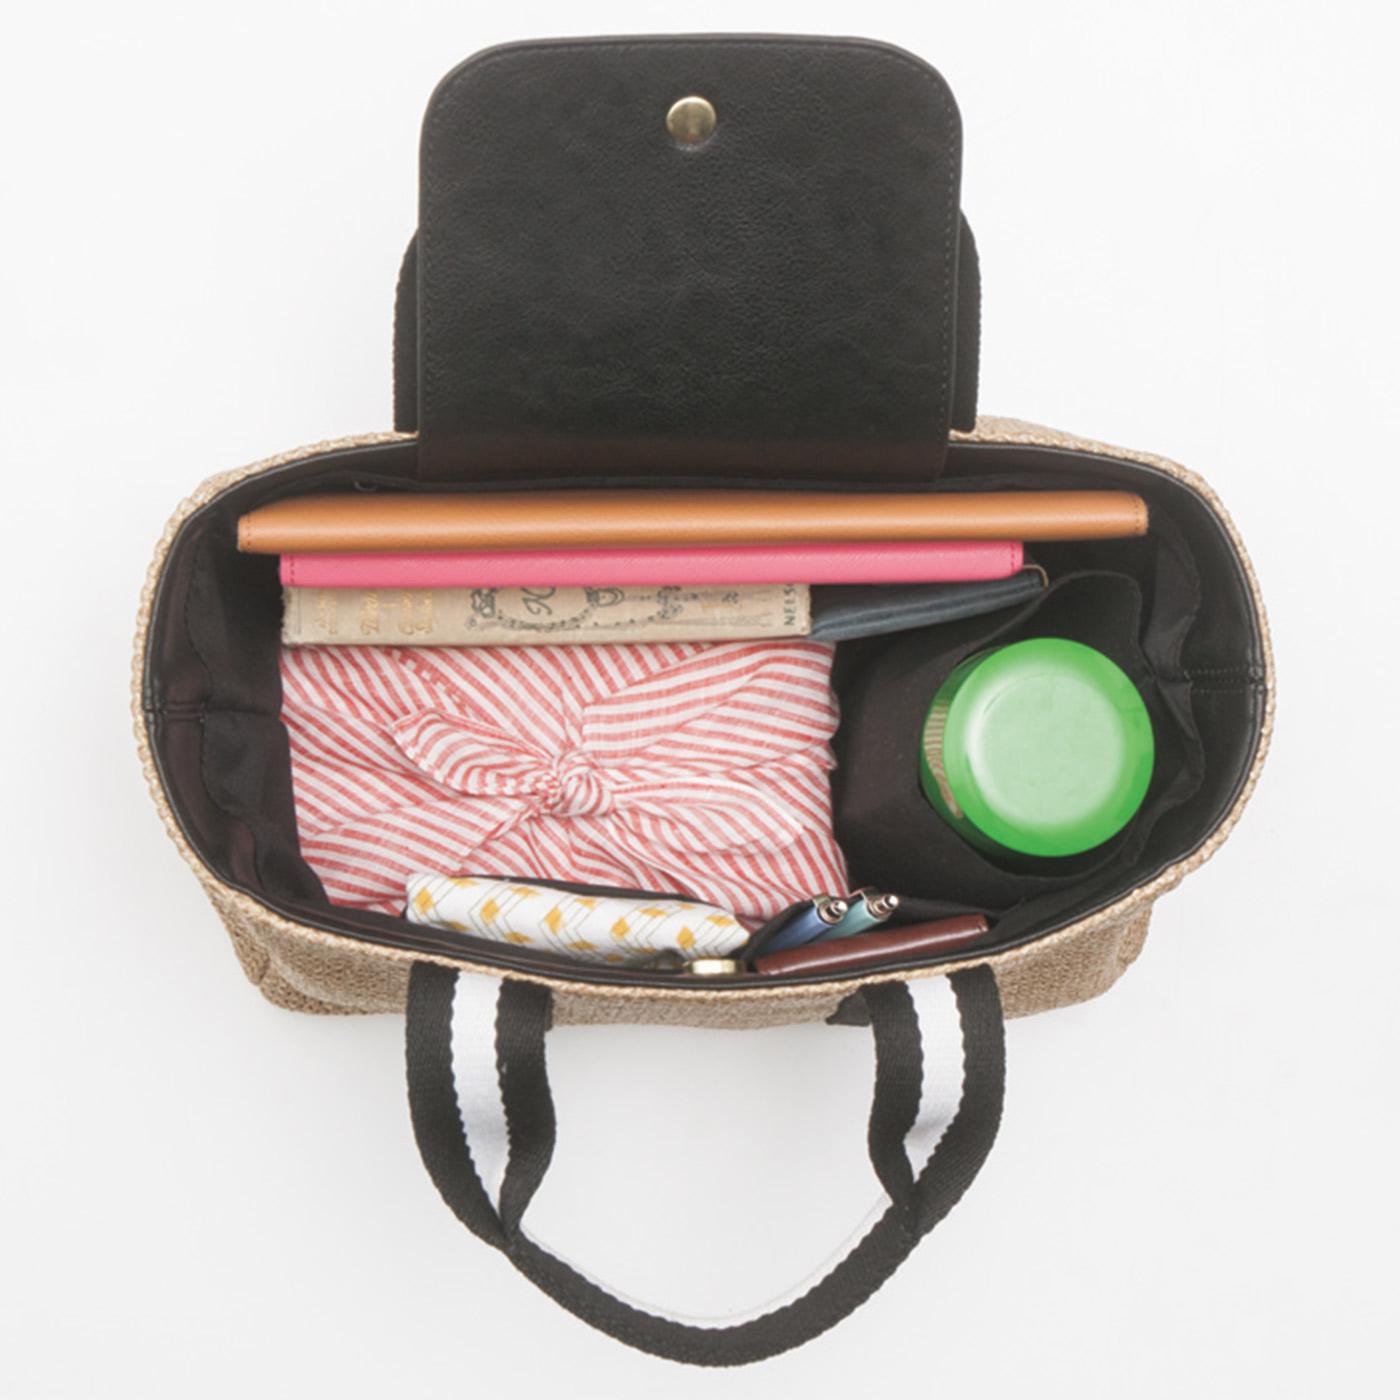 折りたたみ傘やペットボトルを立てて入れられるホルダーと、3つの内ポケットですっきり整とん。